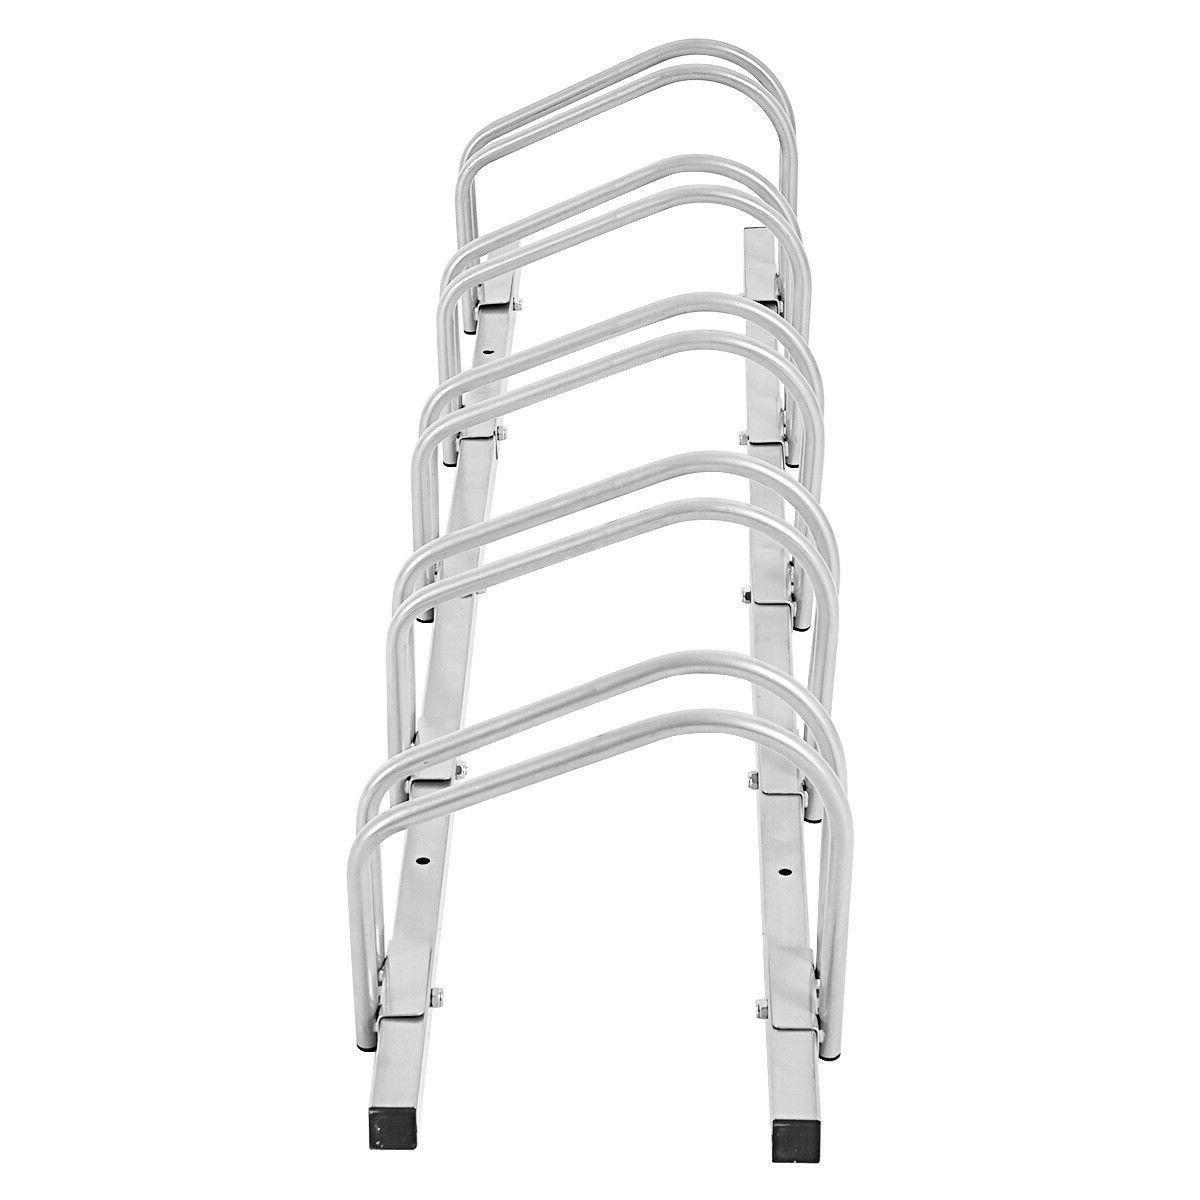 Bike Rack Storage Parking 5 NEW